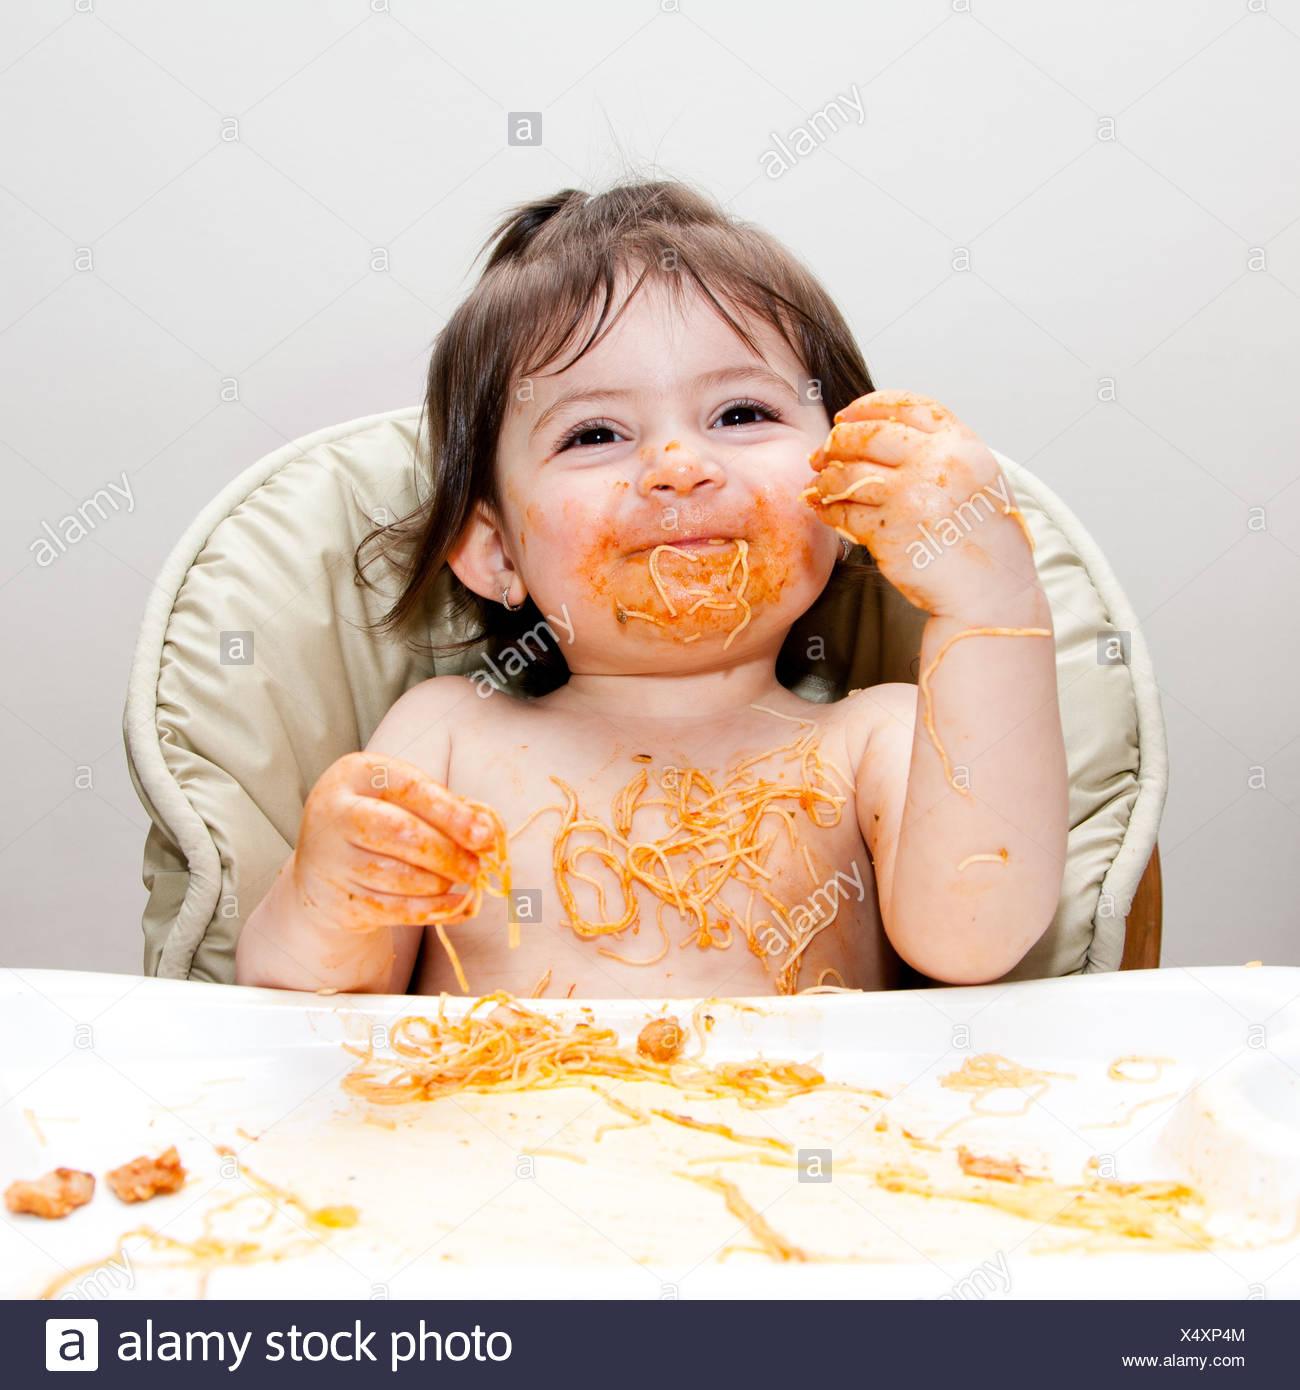 Sloppy eater sloppy lover